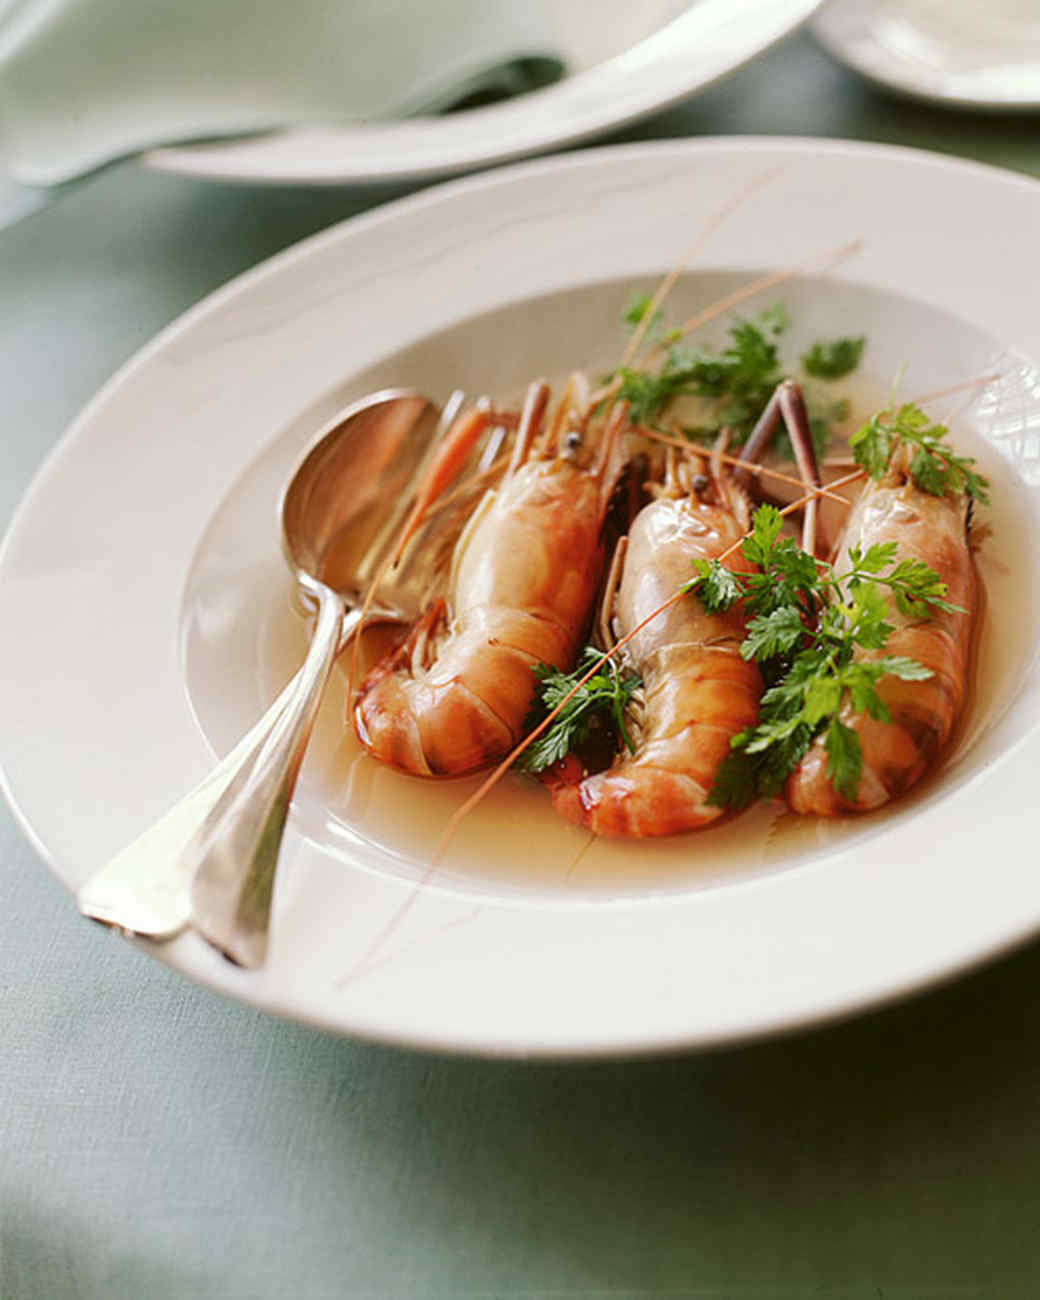 a97120_hqcb_shrimp1.jpg